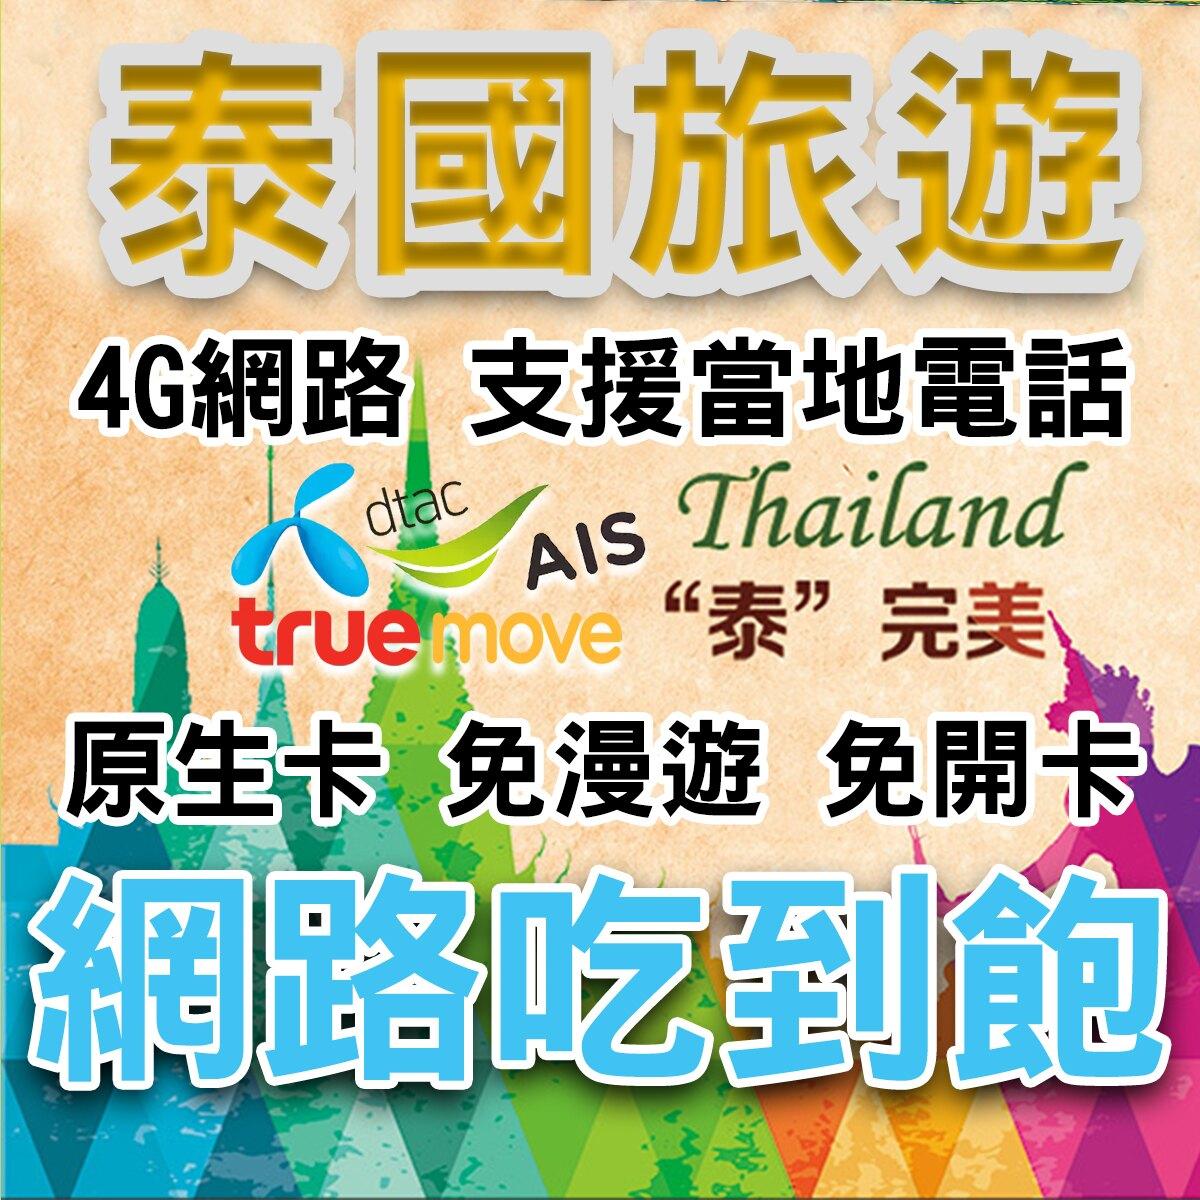 泰國原生卡 4G網路卡 通話網路 AIS True Move 曼谷/清邁/芭達雅/普吉島上網 可打電話